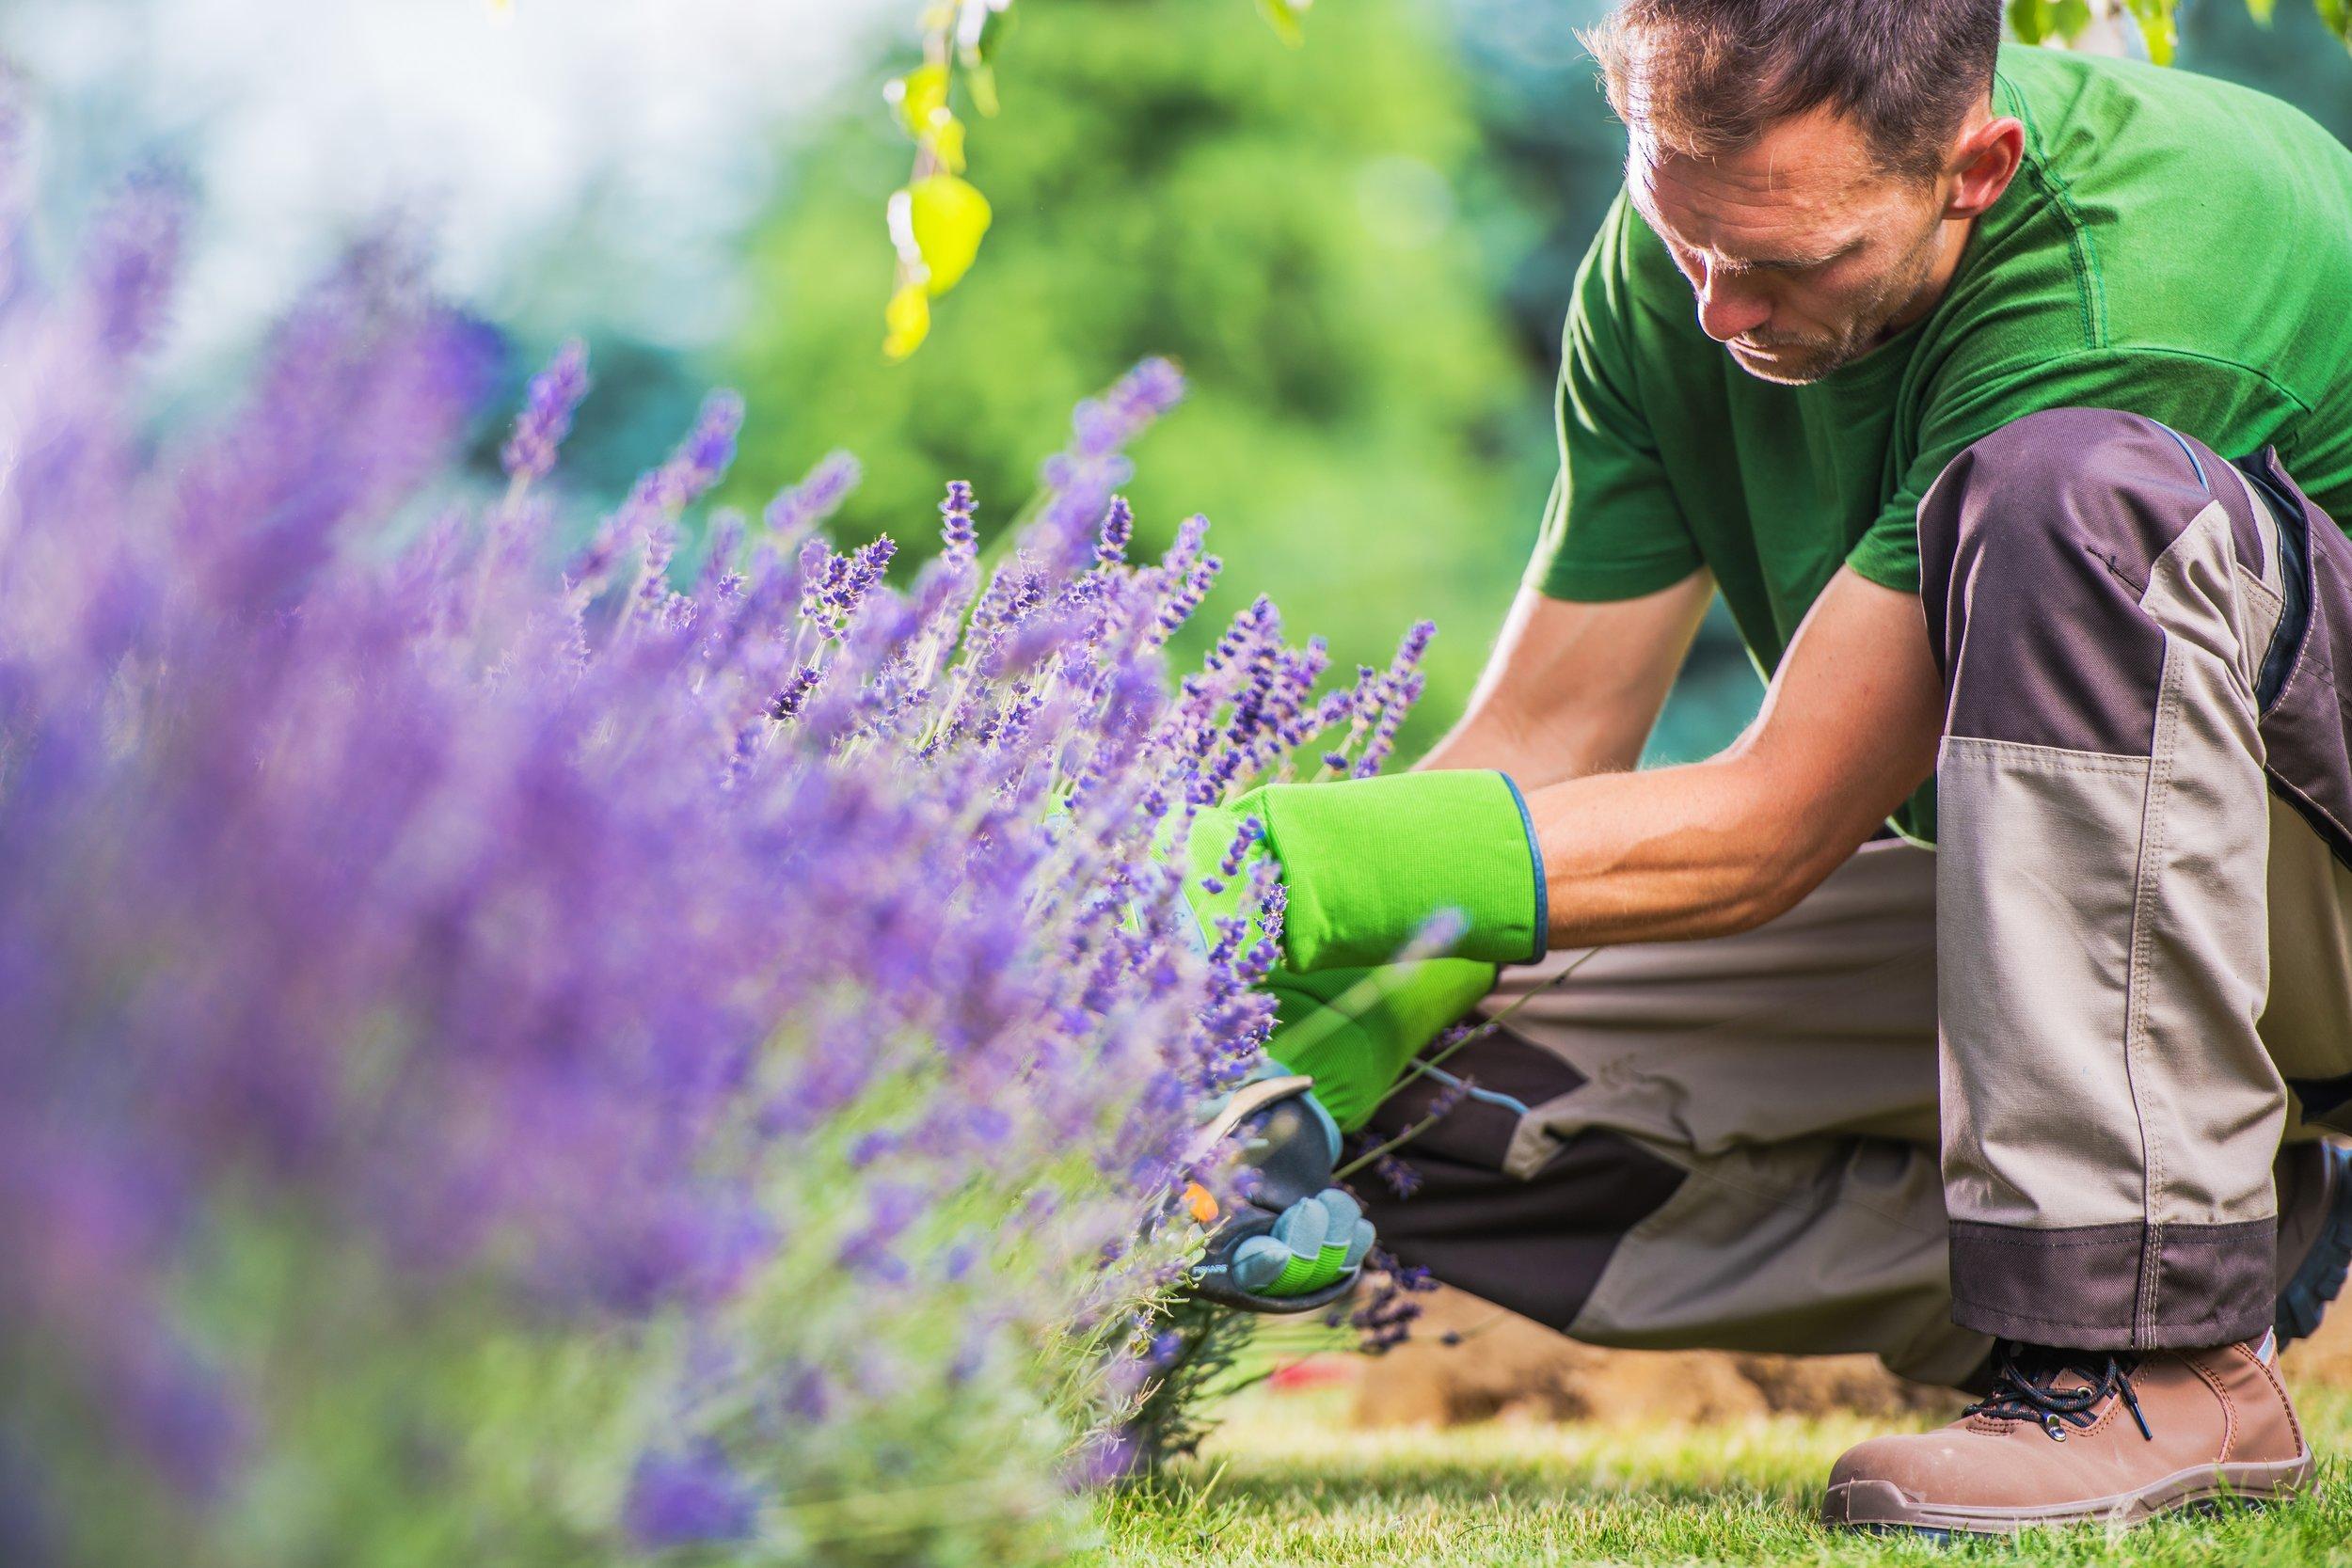 removing-garden-weeds-67PSLT3.jpg